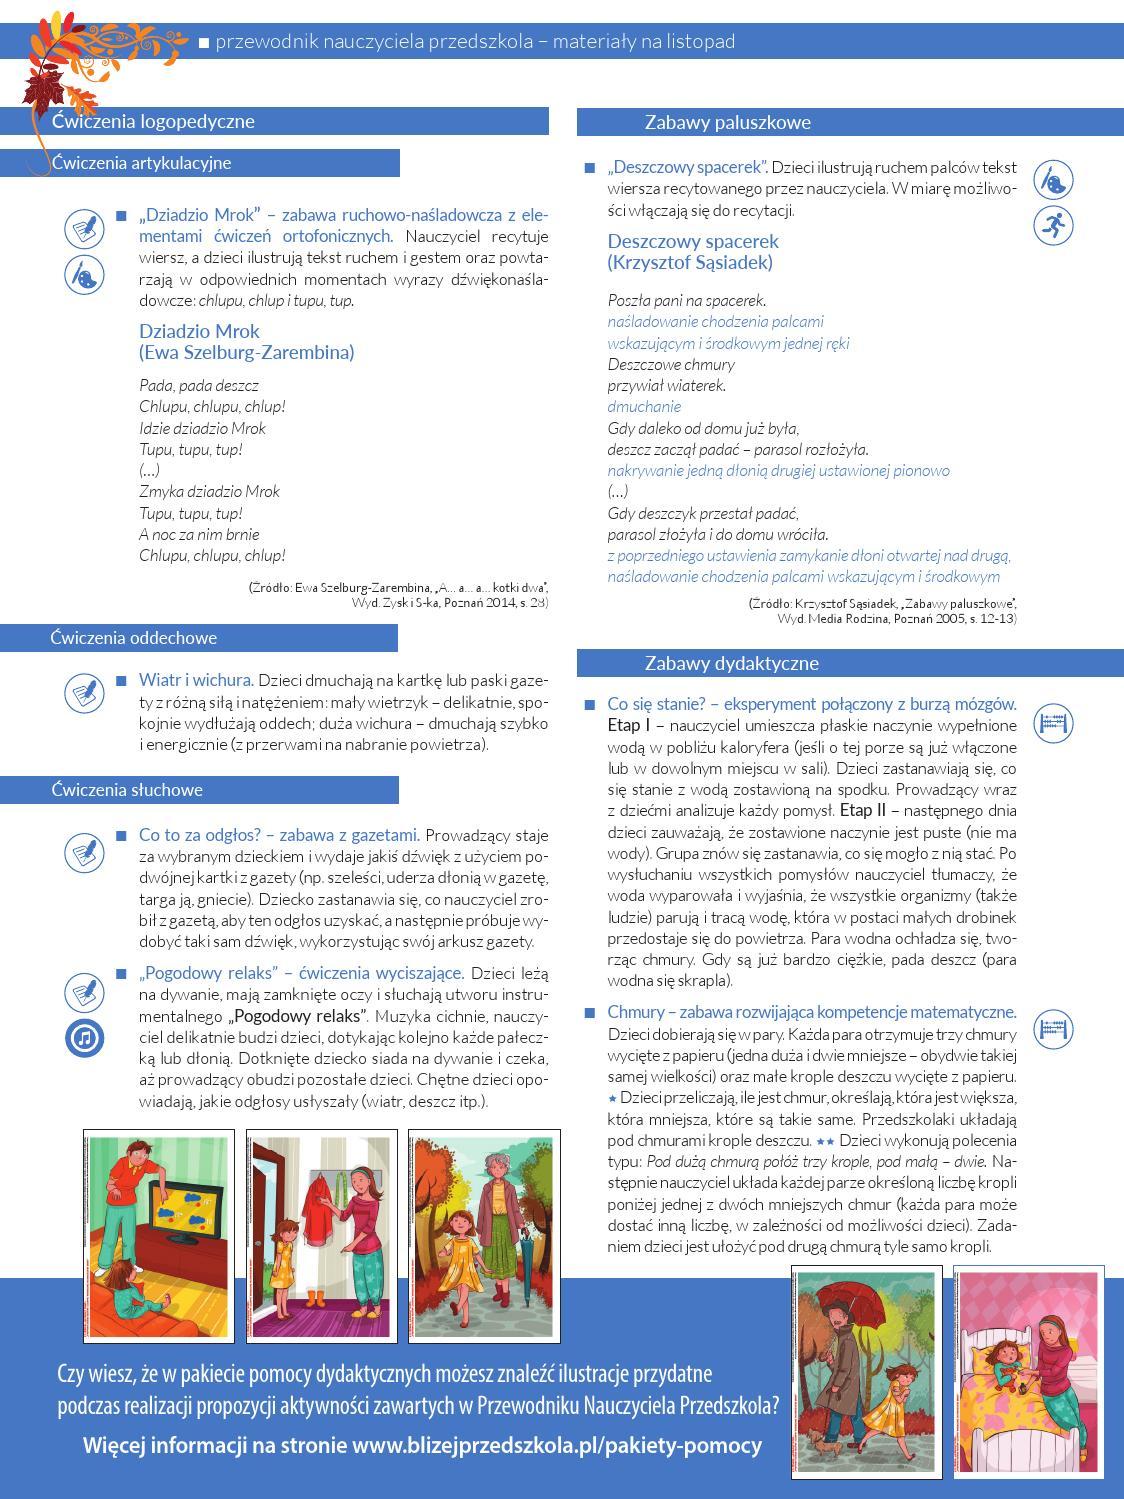 Przykładowe Scenariusze Zajęć I Artykuły By Bliżej